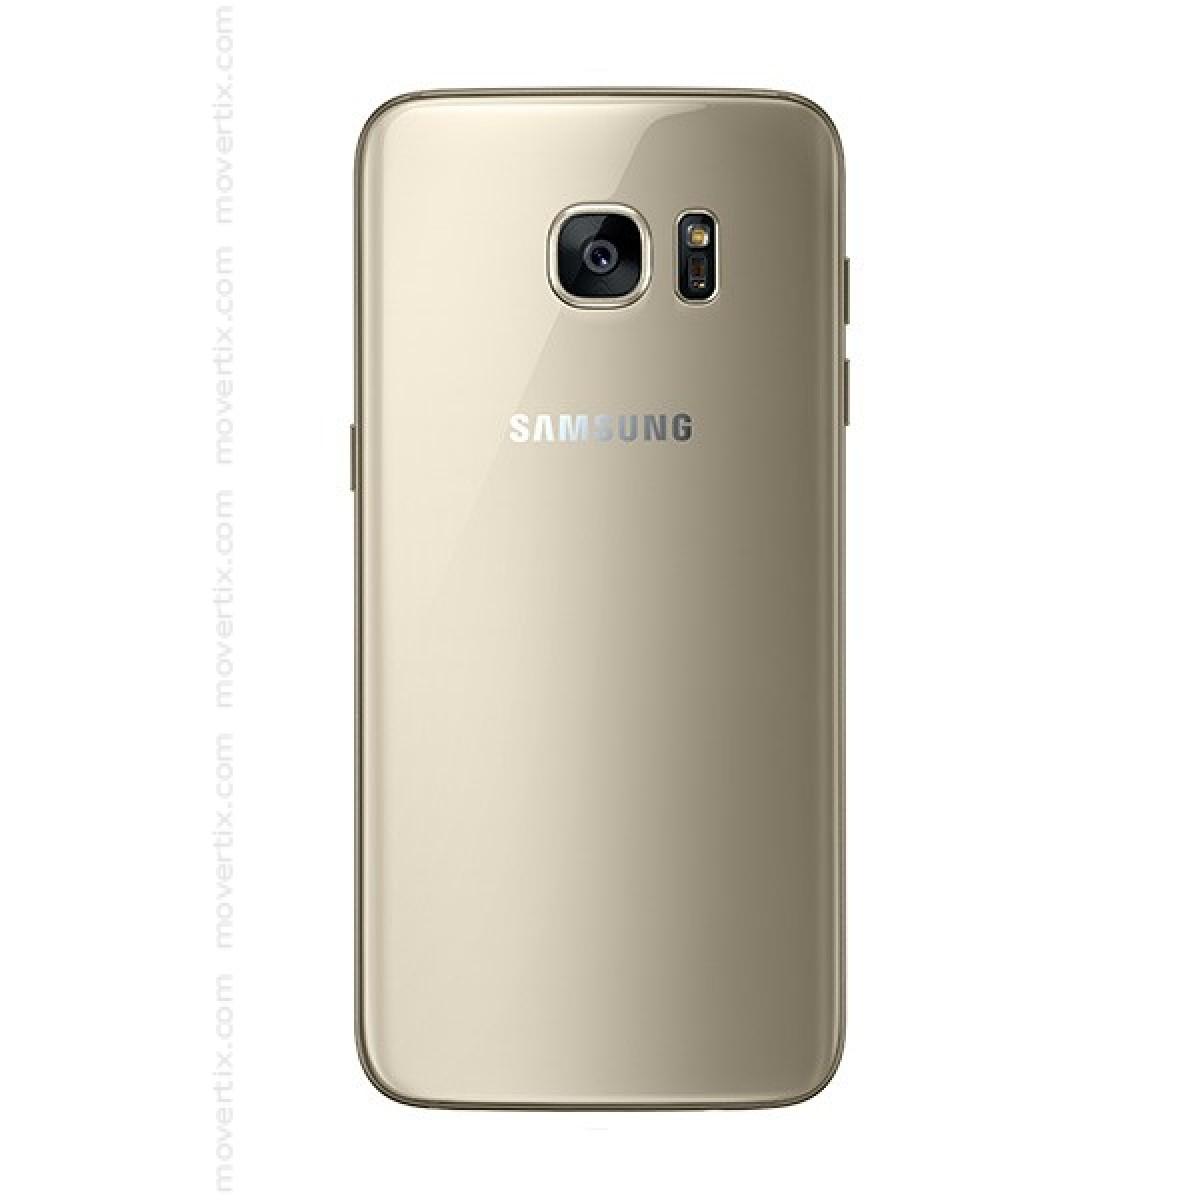 241c429dc50cb El Samsung Galaxy S7 Edge G935F de color Oro dispone 32GB de memoria  interna dispone de un procesador Samsung Exynos 8 Octa Core con 4 núcleos a  2